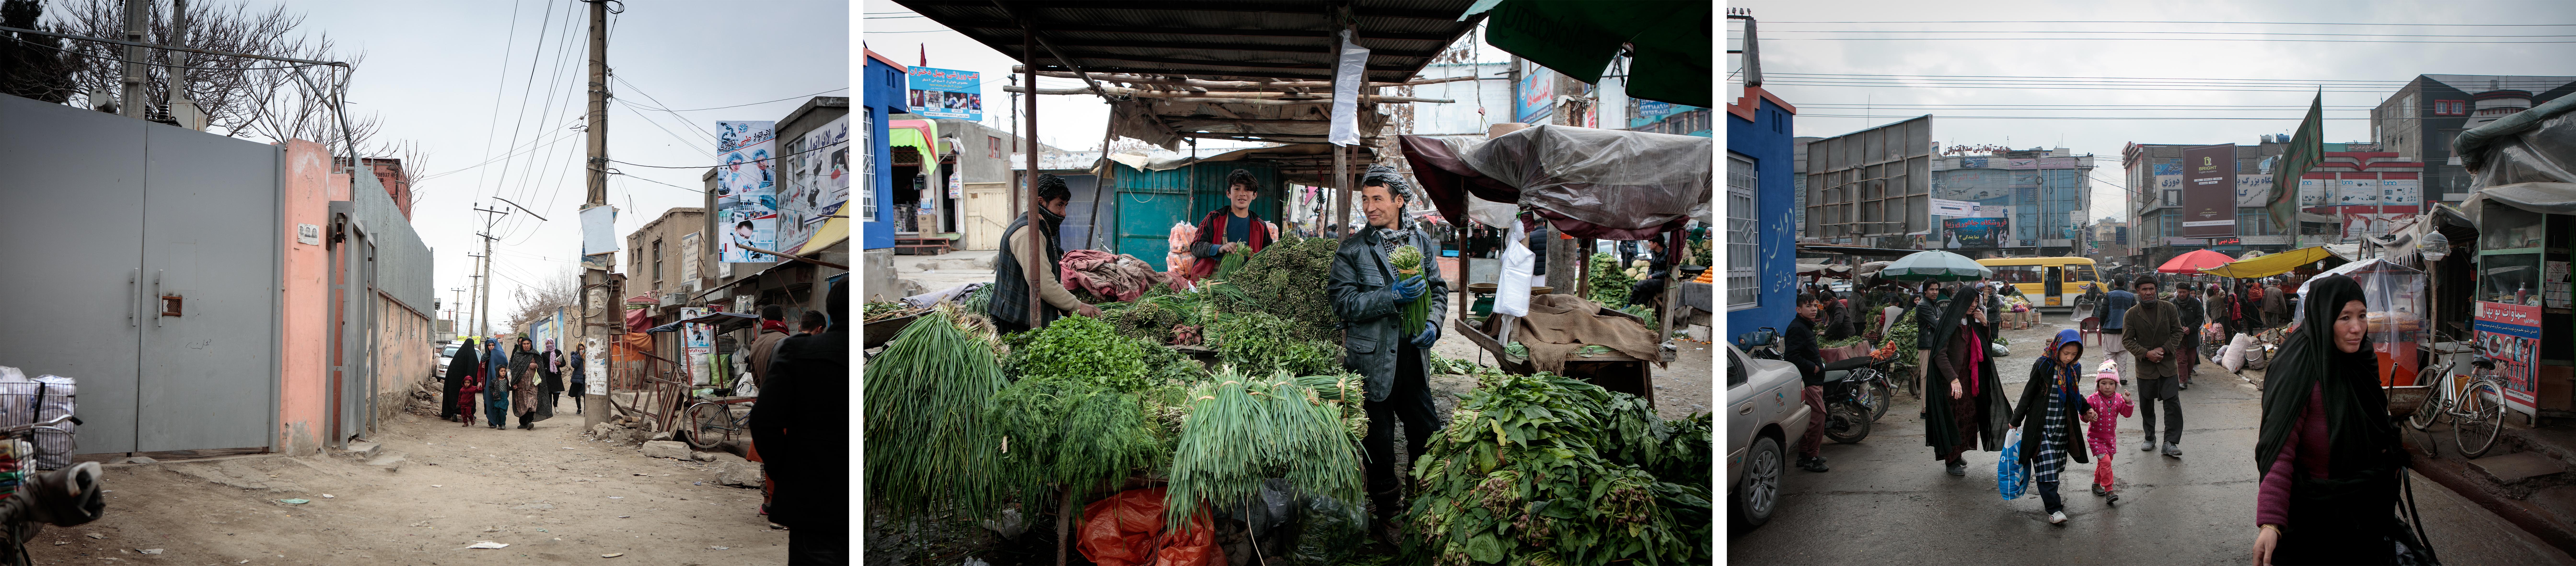 Etals de commerçants dans les rues de Dasht-e-Barchi.